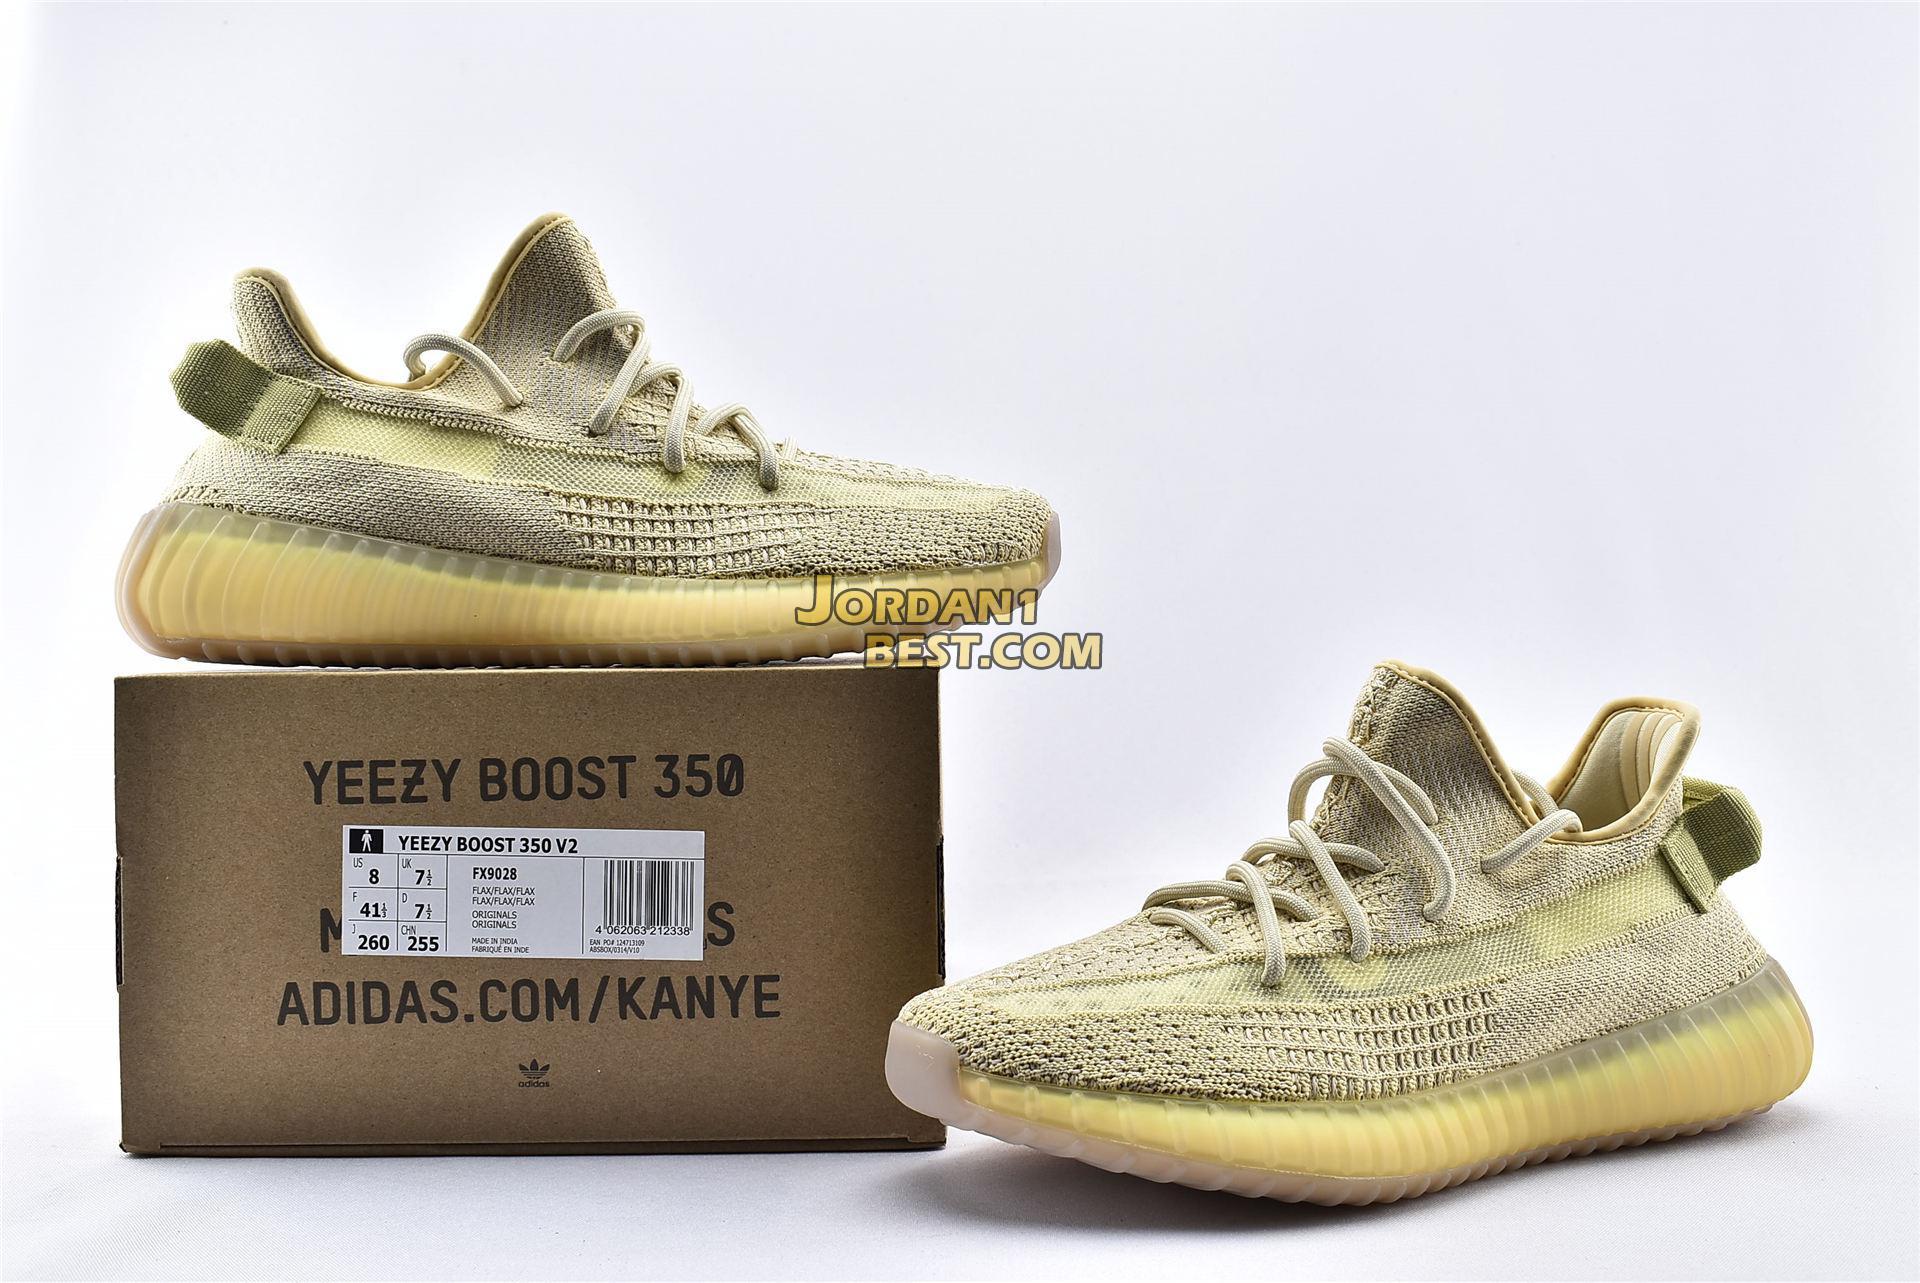 """Adidas Yeezy Boost 350 V2 """"Flax"""" FX9028"""